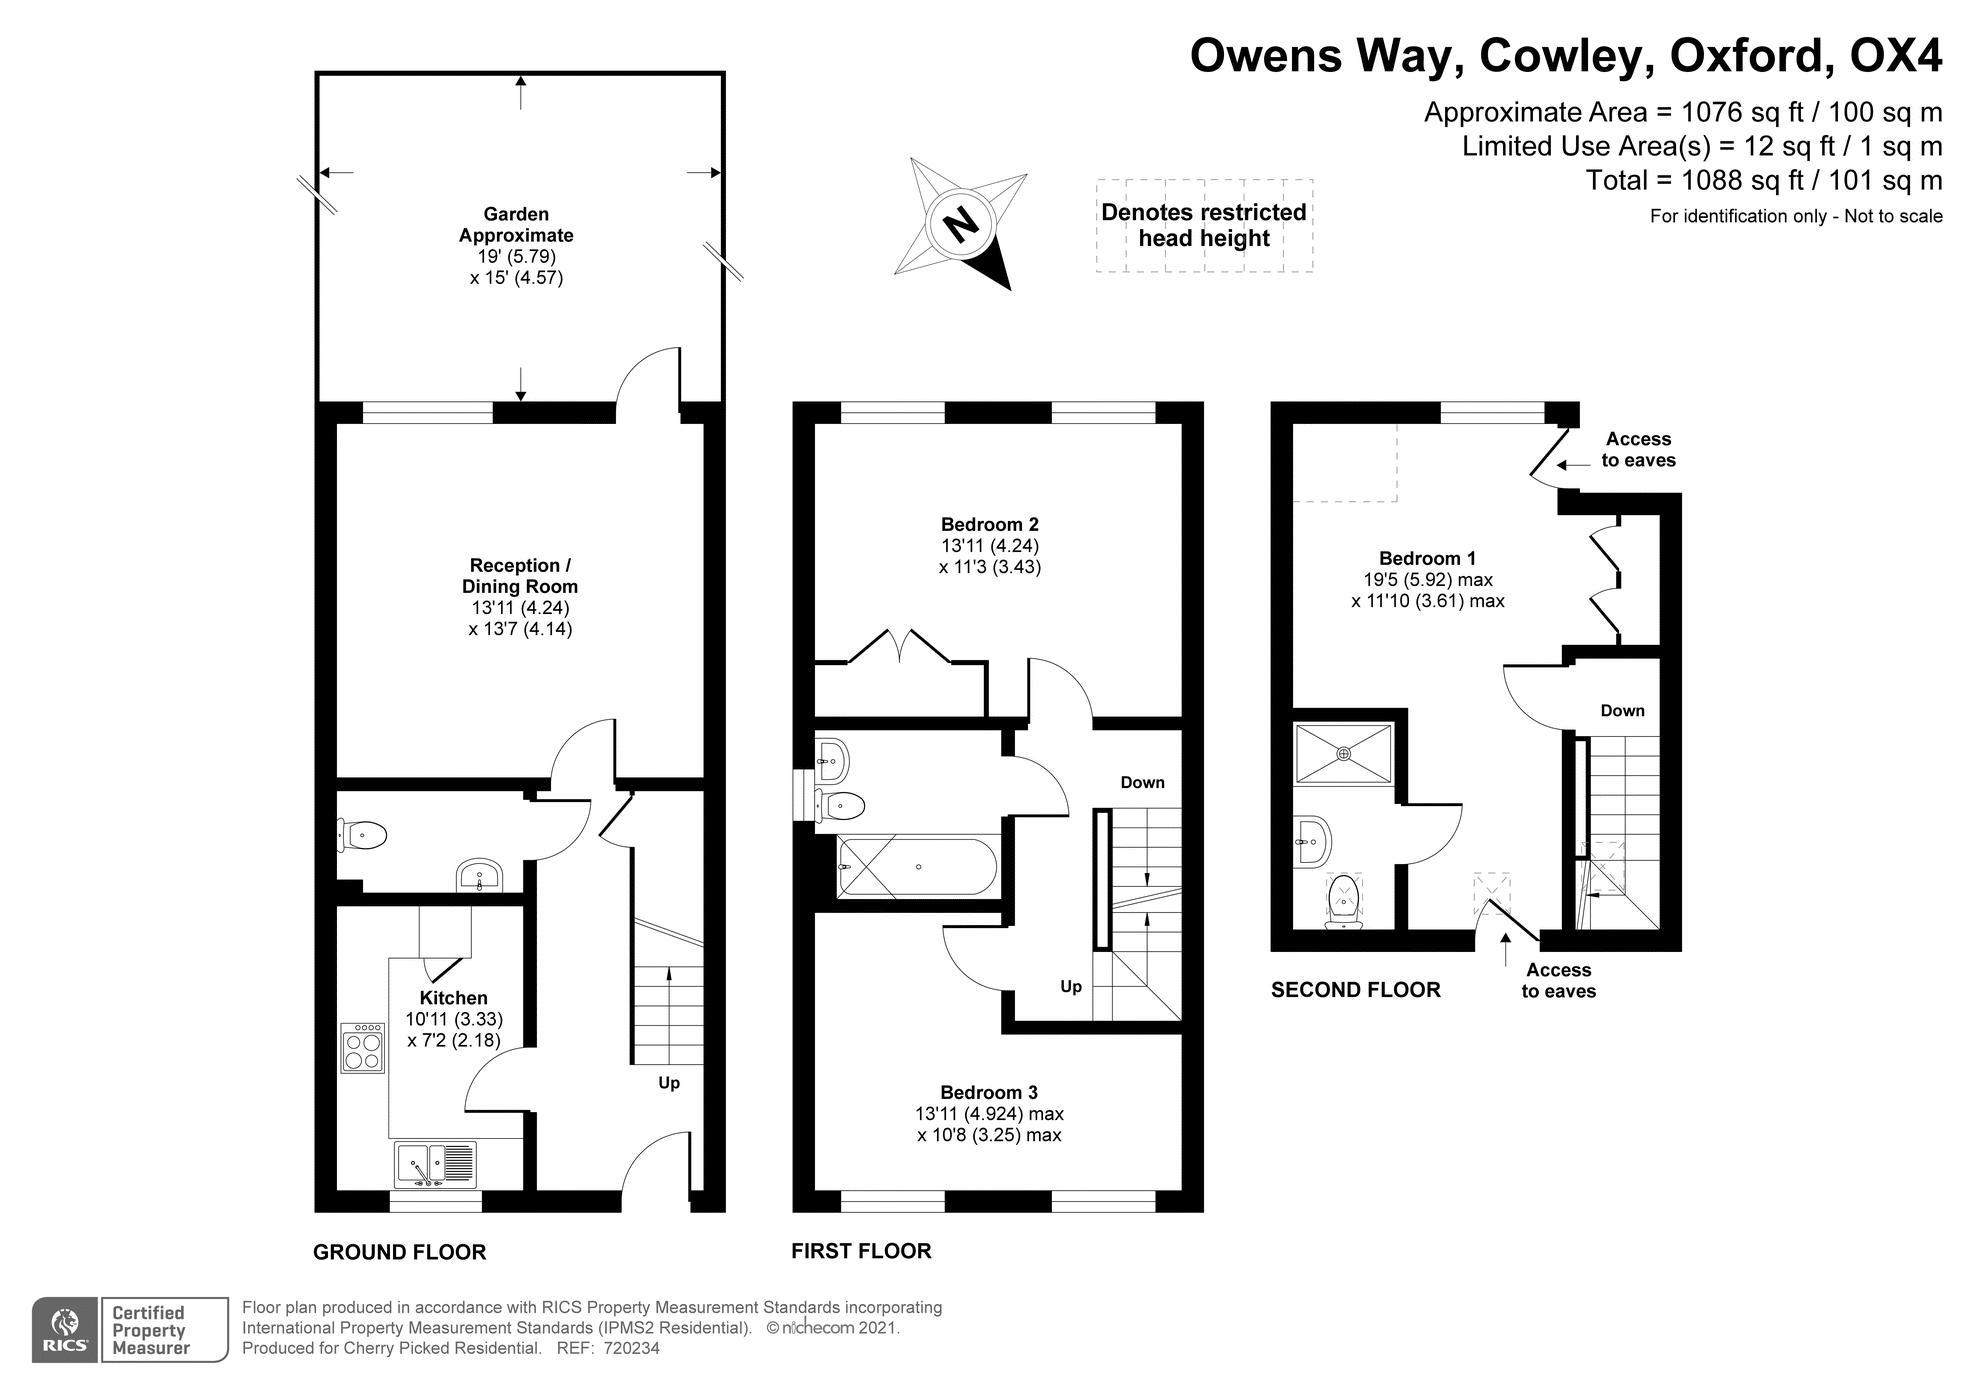 Owens Way Cowley